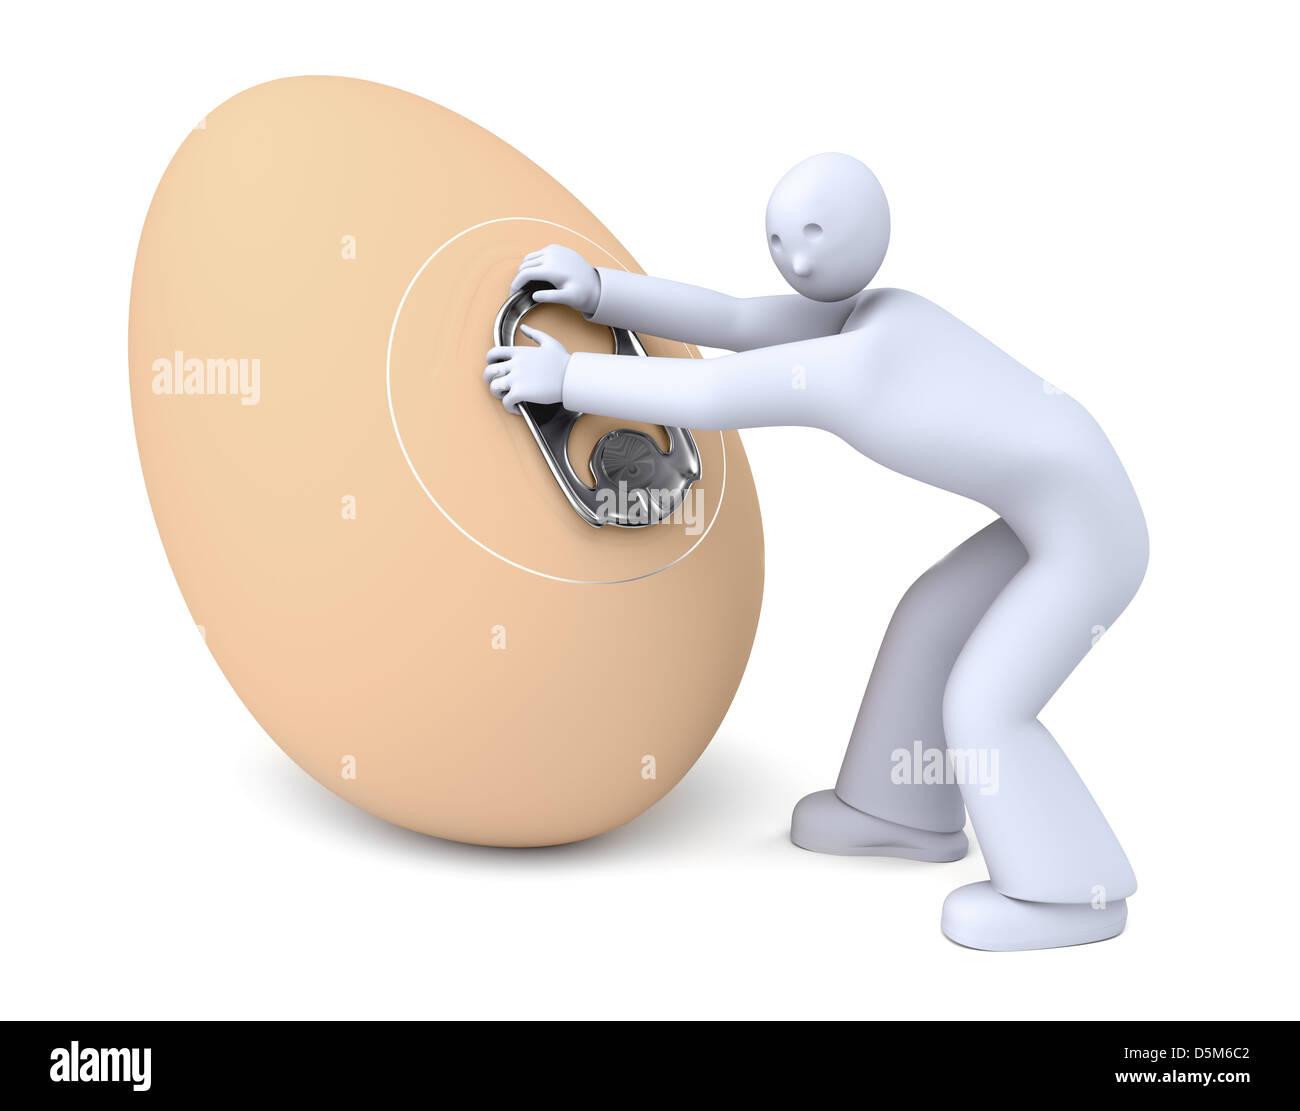 Easy open egg - Stock Image